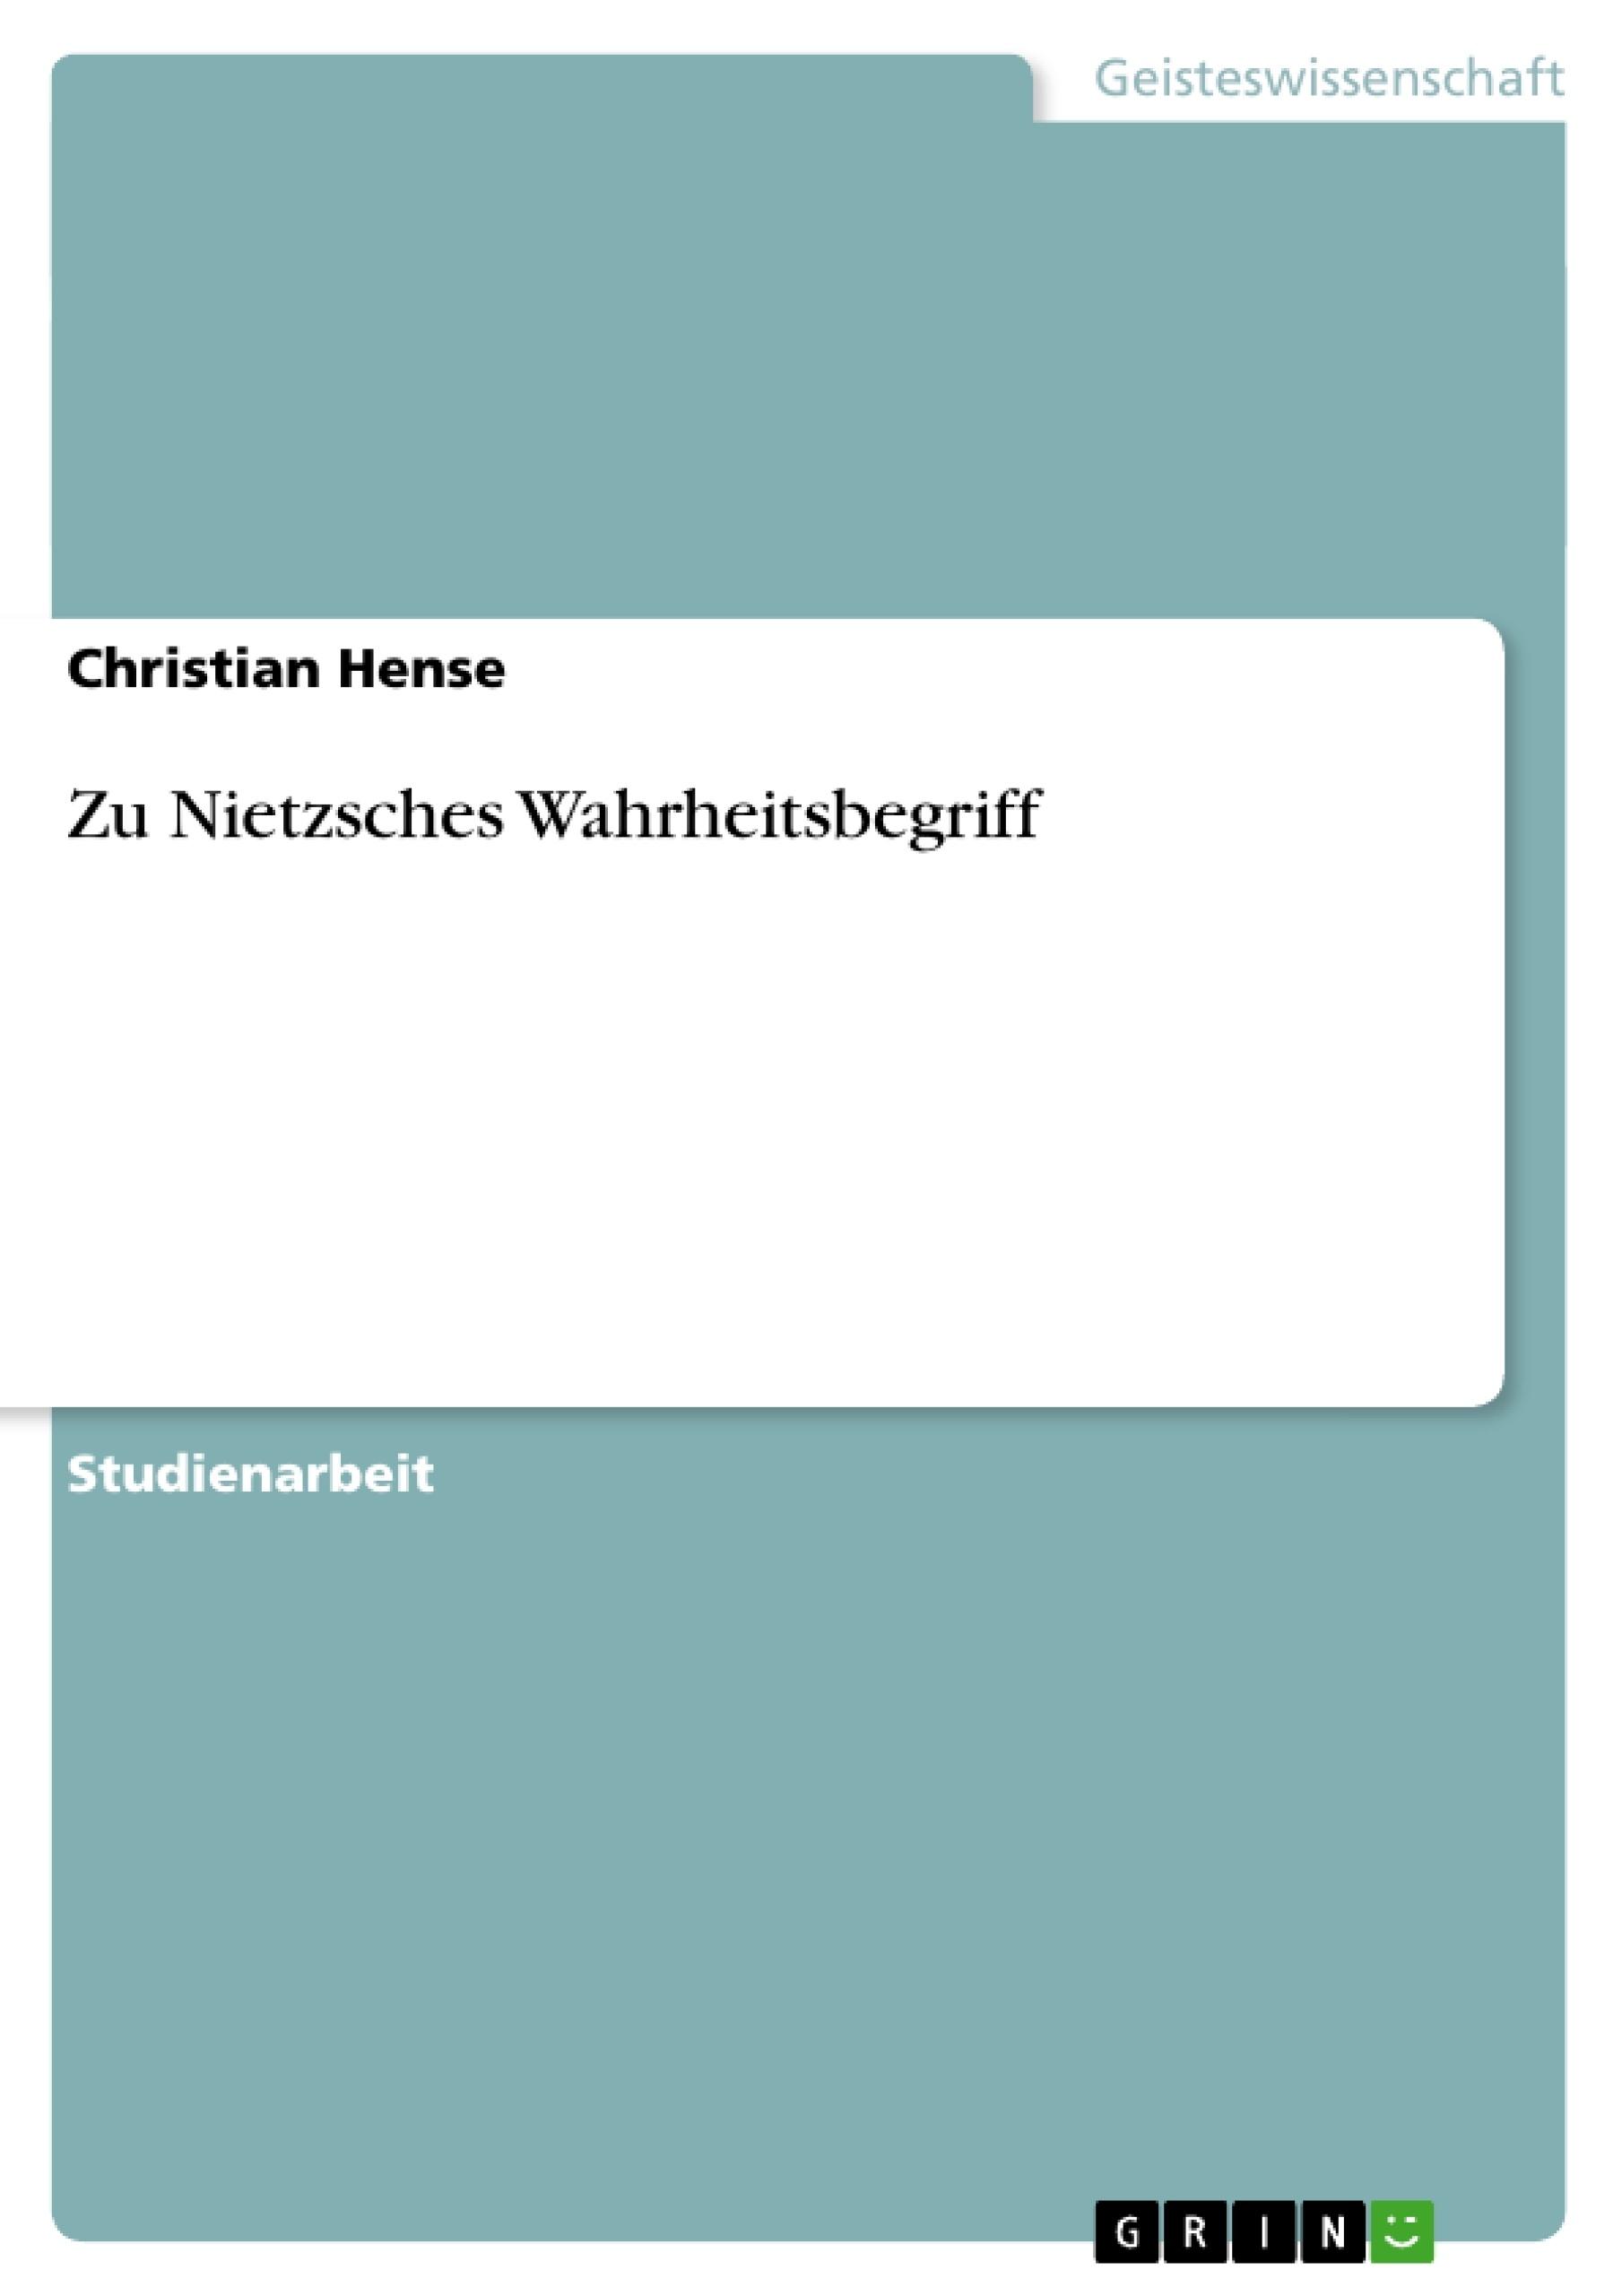 Titel: Zu Nietzsches Wahrheitsbegriff